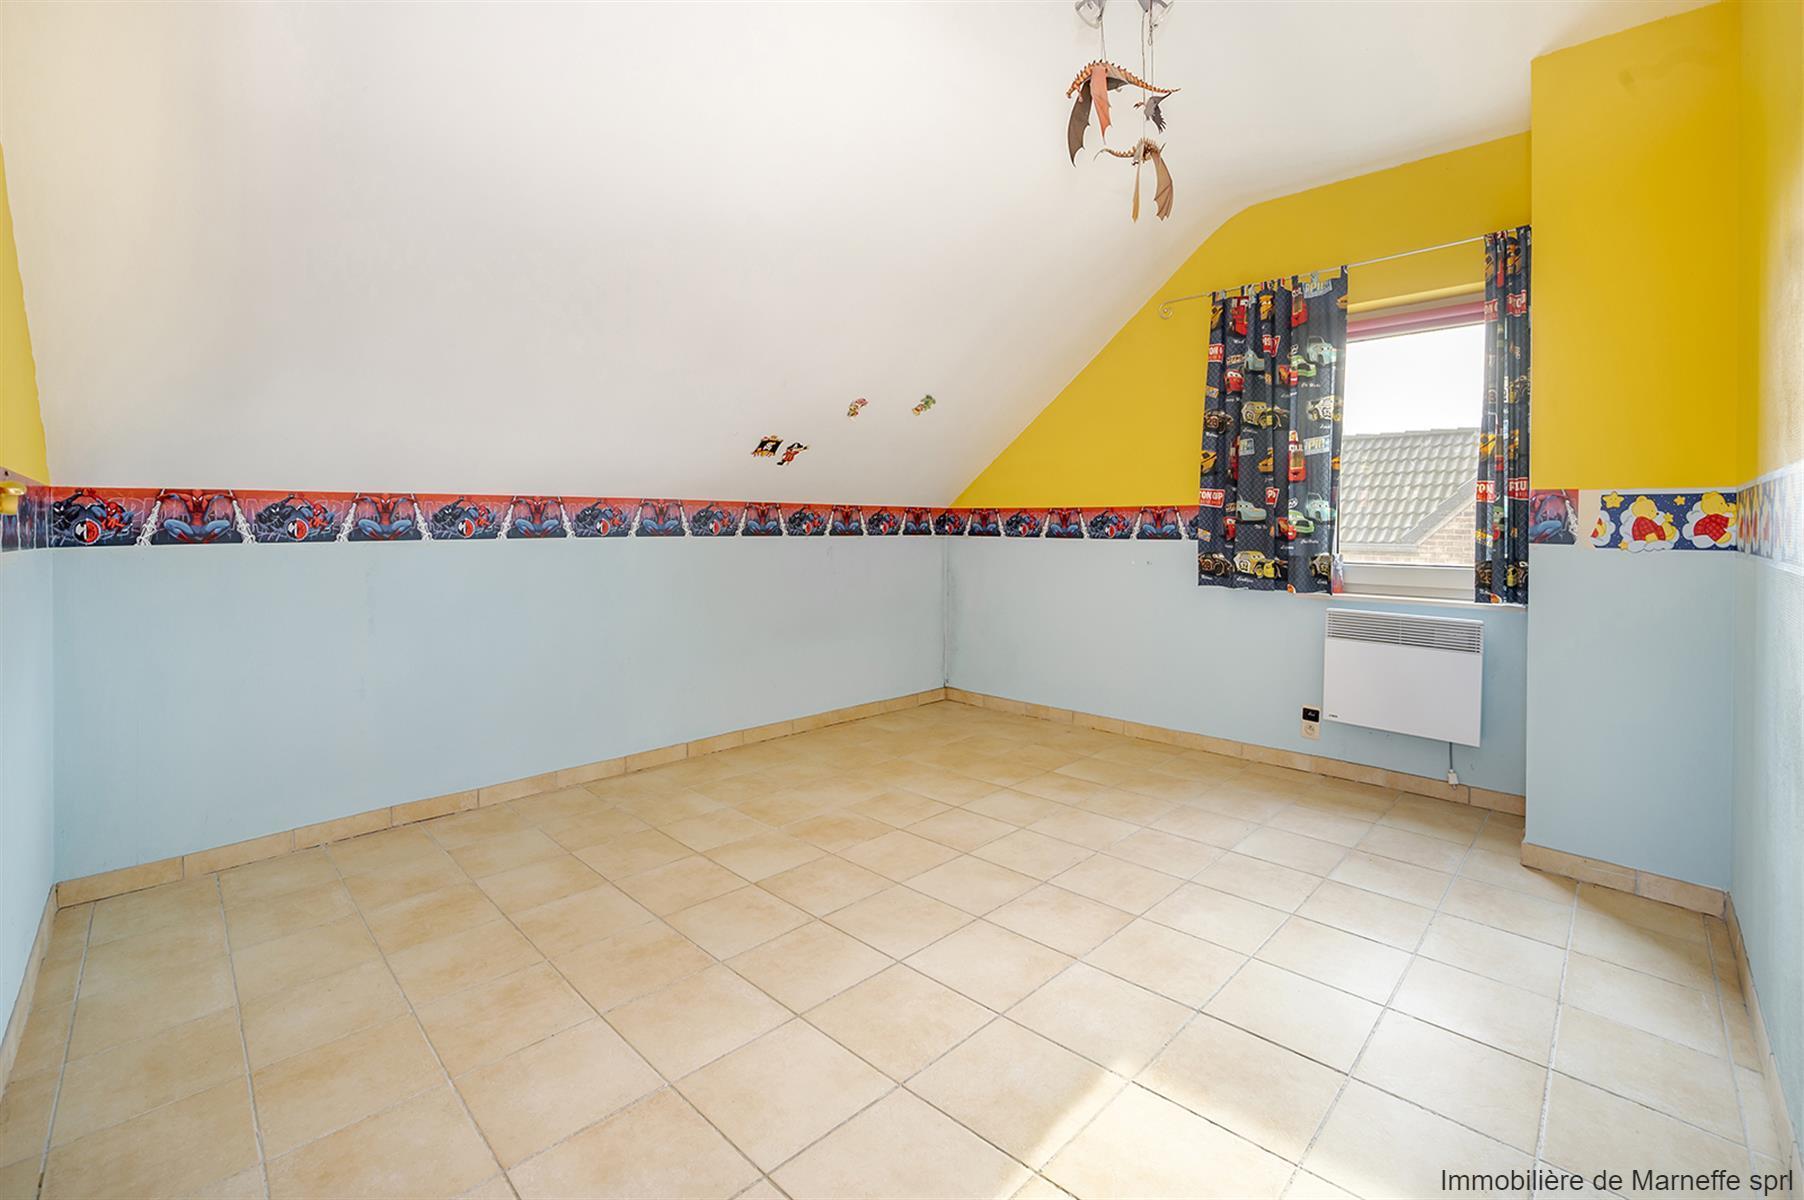 Maison - Villers-le-Bouillet - #4191827-22